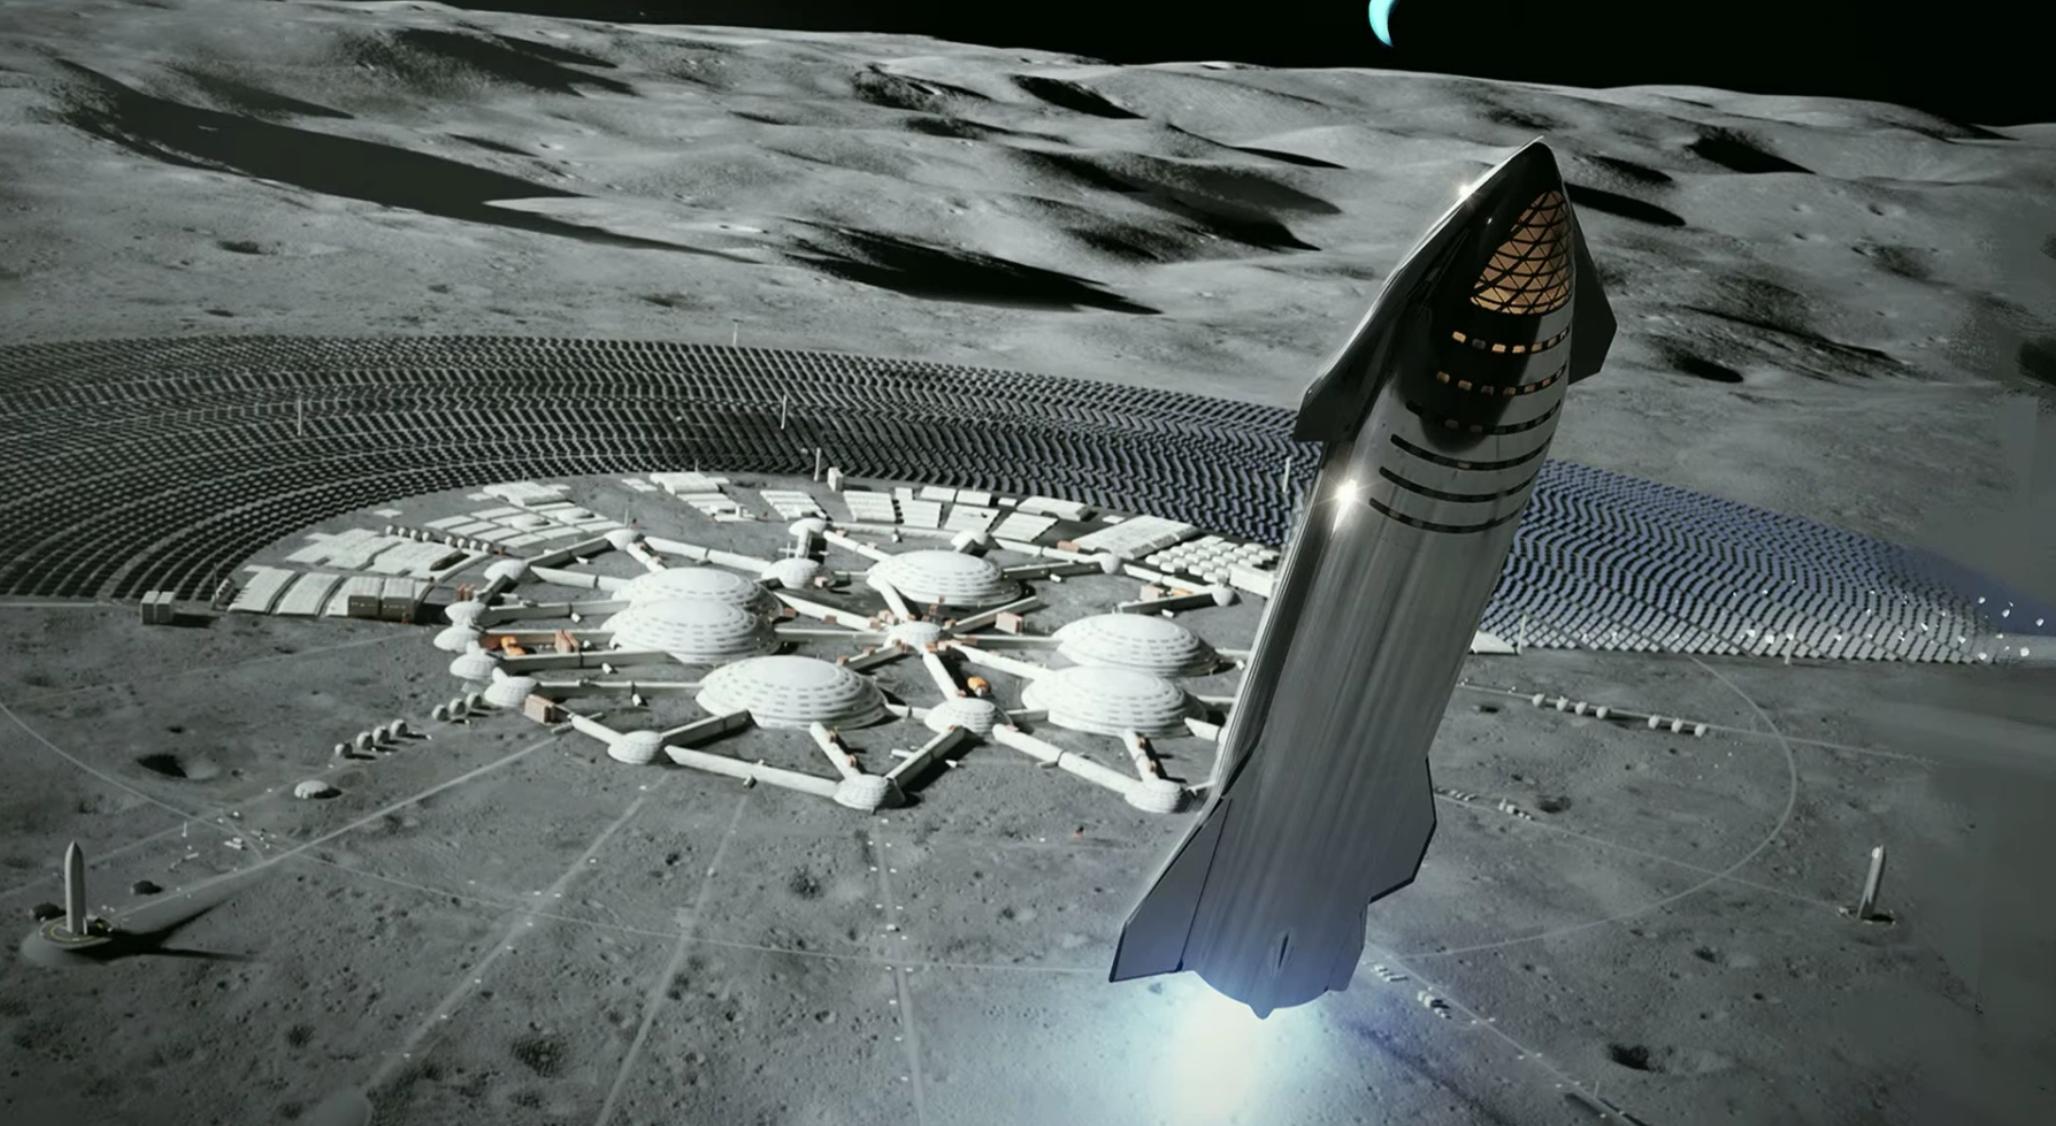 Moon Base Concept Art